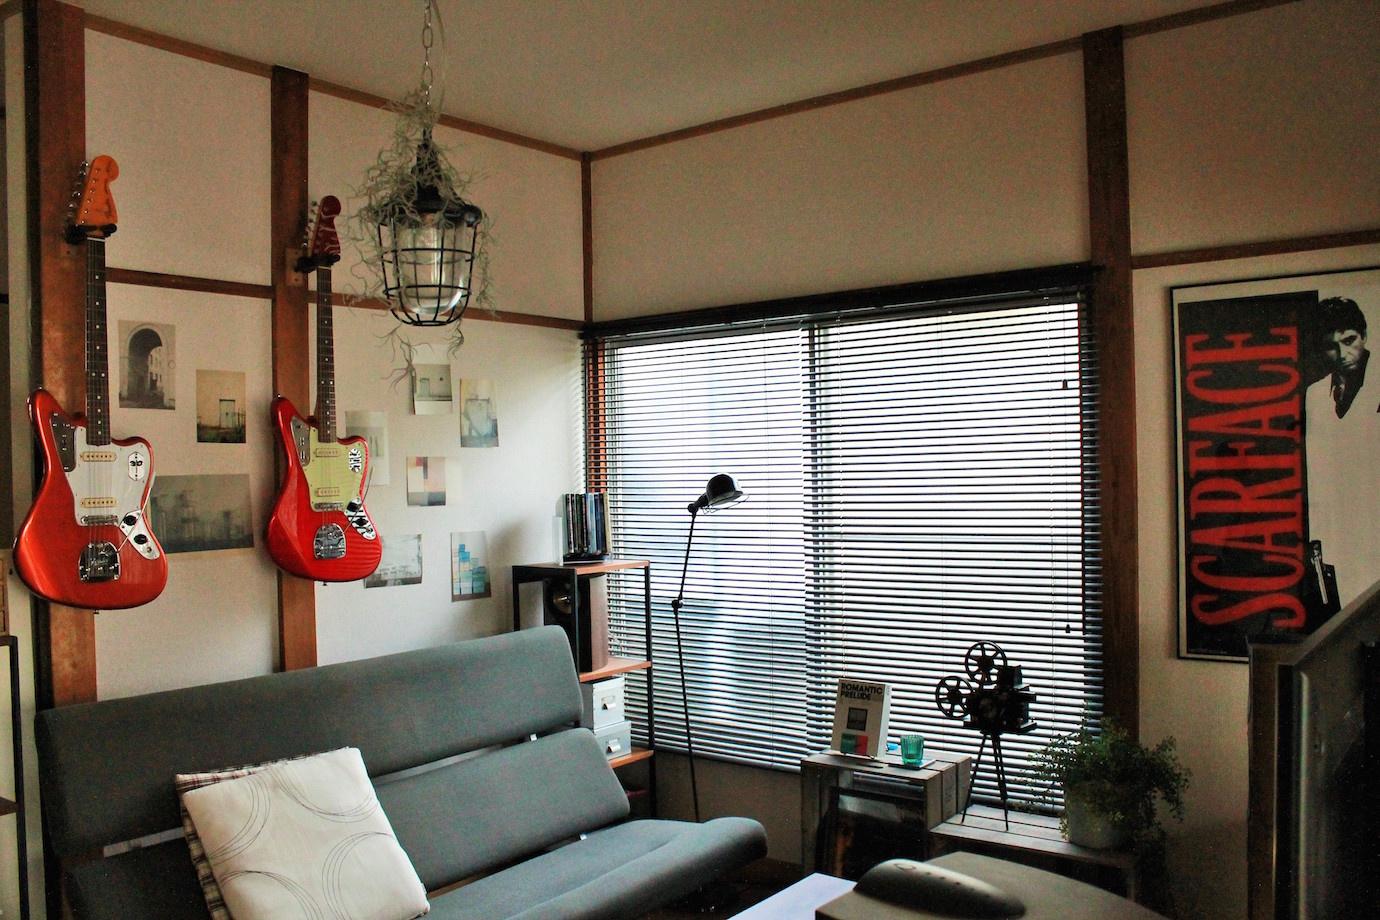 【第3回】突撃! ワンルーム王子~築50年のアパートを活かした音楽と映画の家~